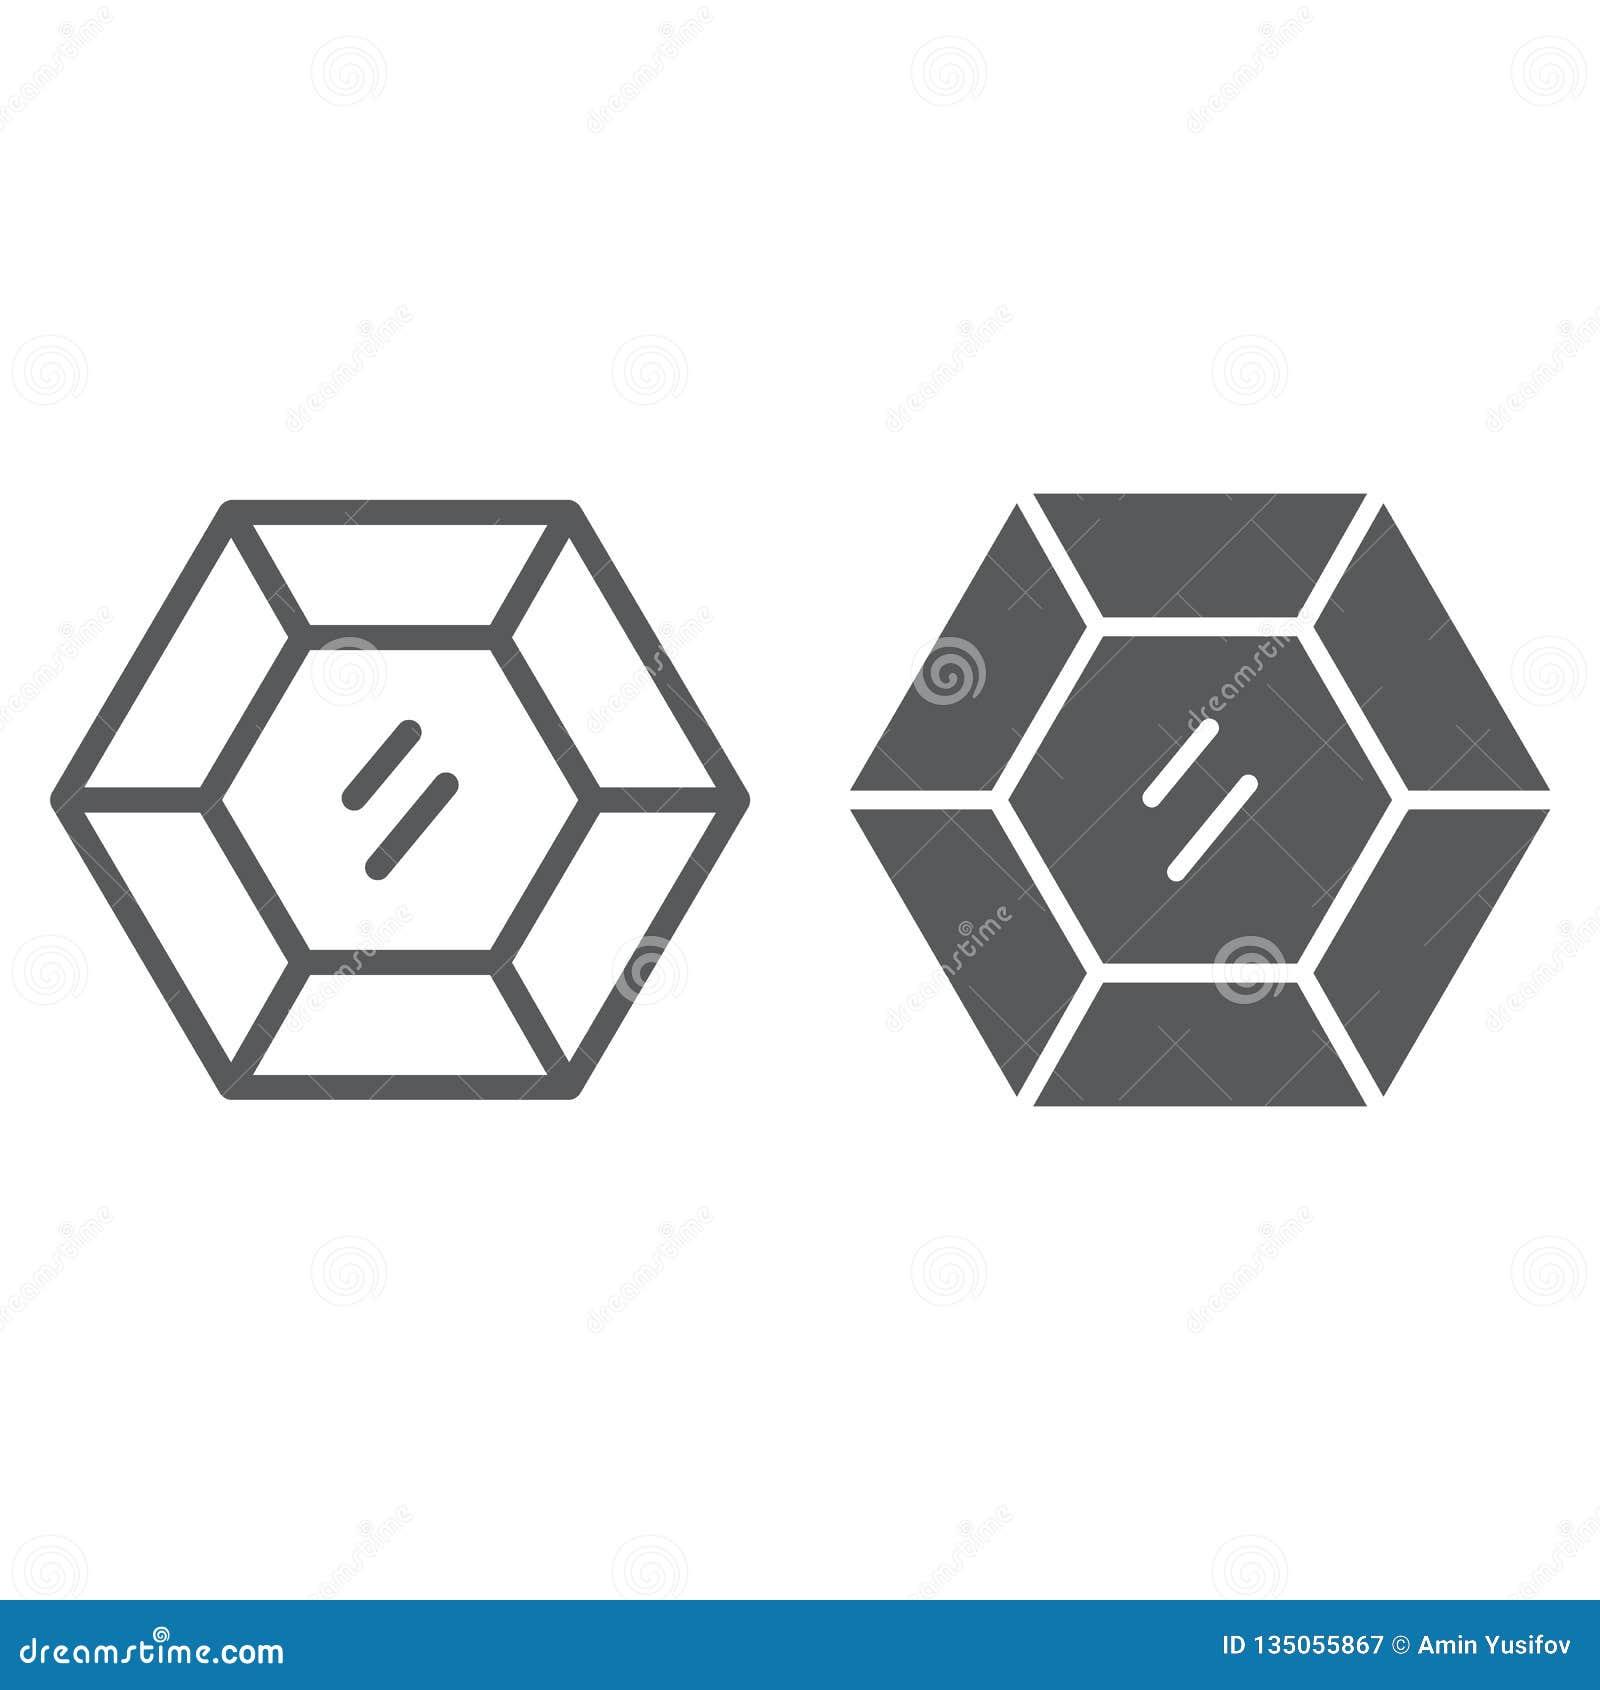 Dyrbar gemstonelinje och skårasymbol, smycken och diamant, briljant tecken, vektordiagram, en linjär modell på a